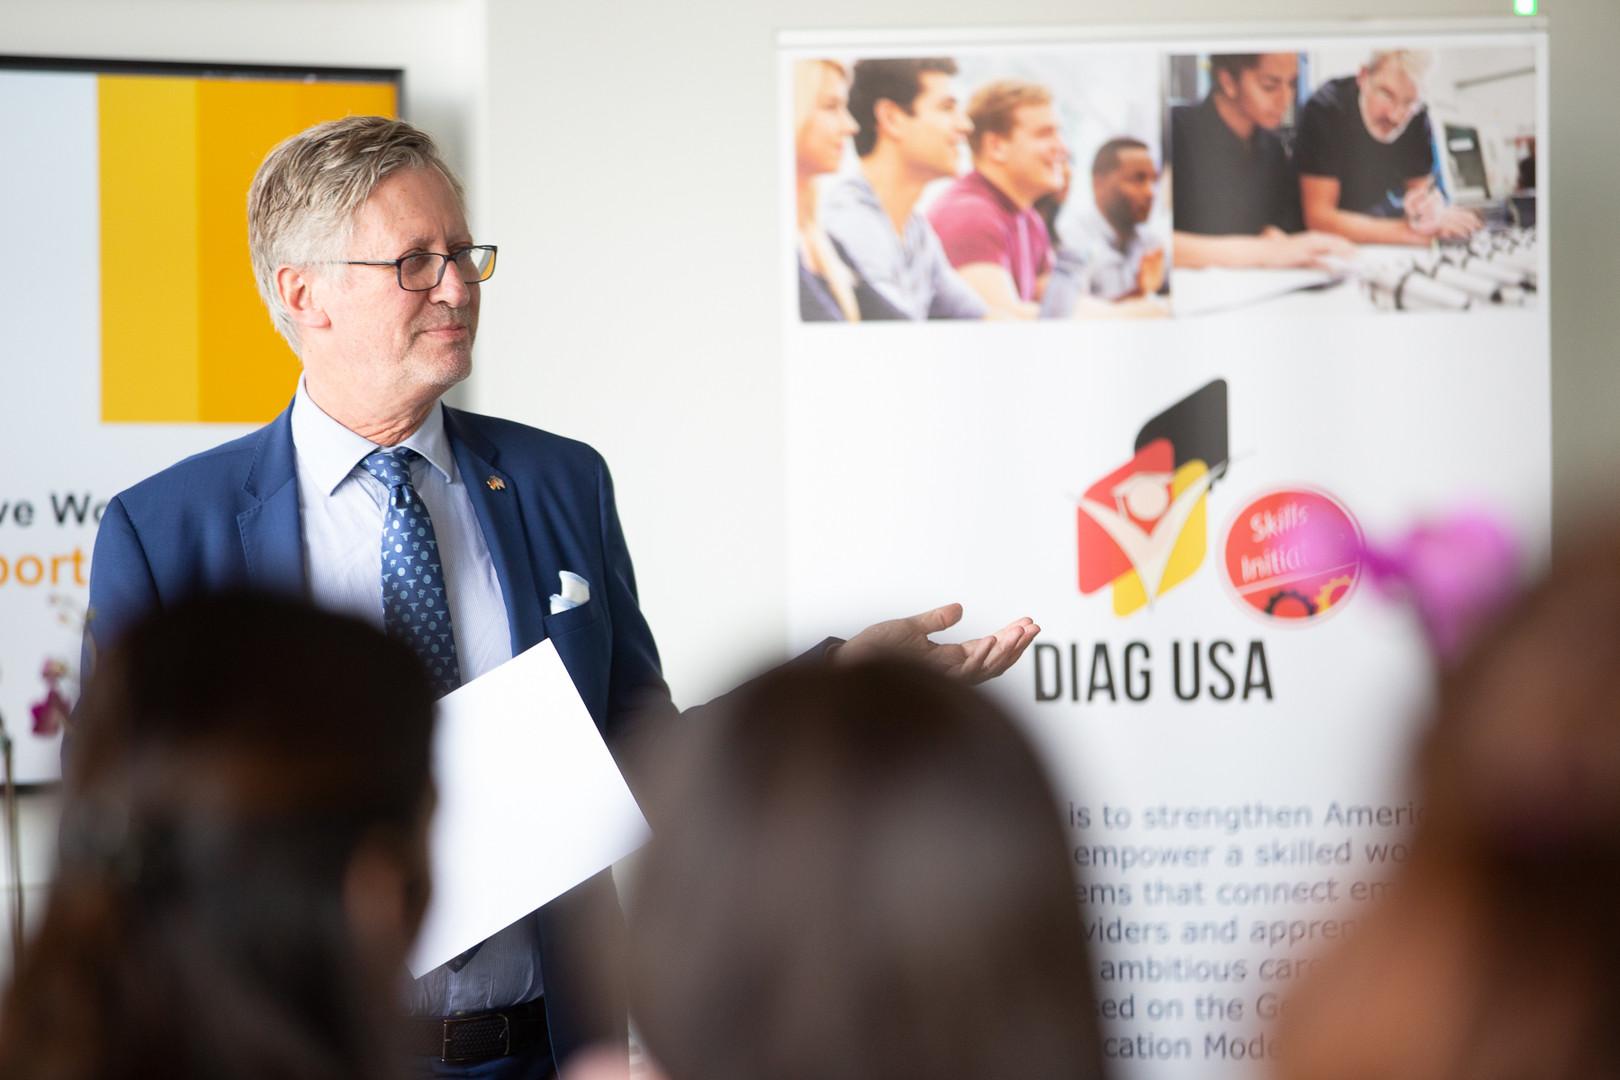 Open Tech & DIAG USA